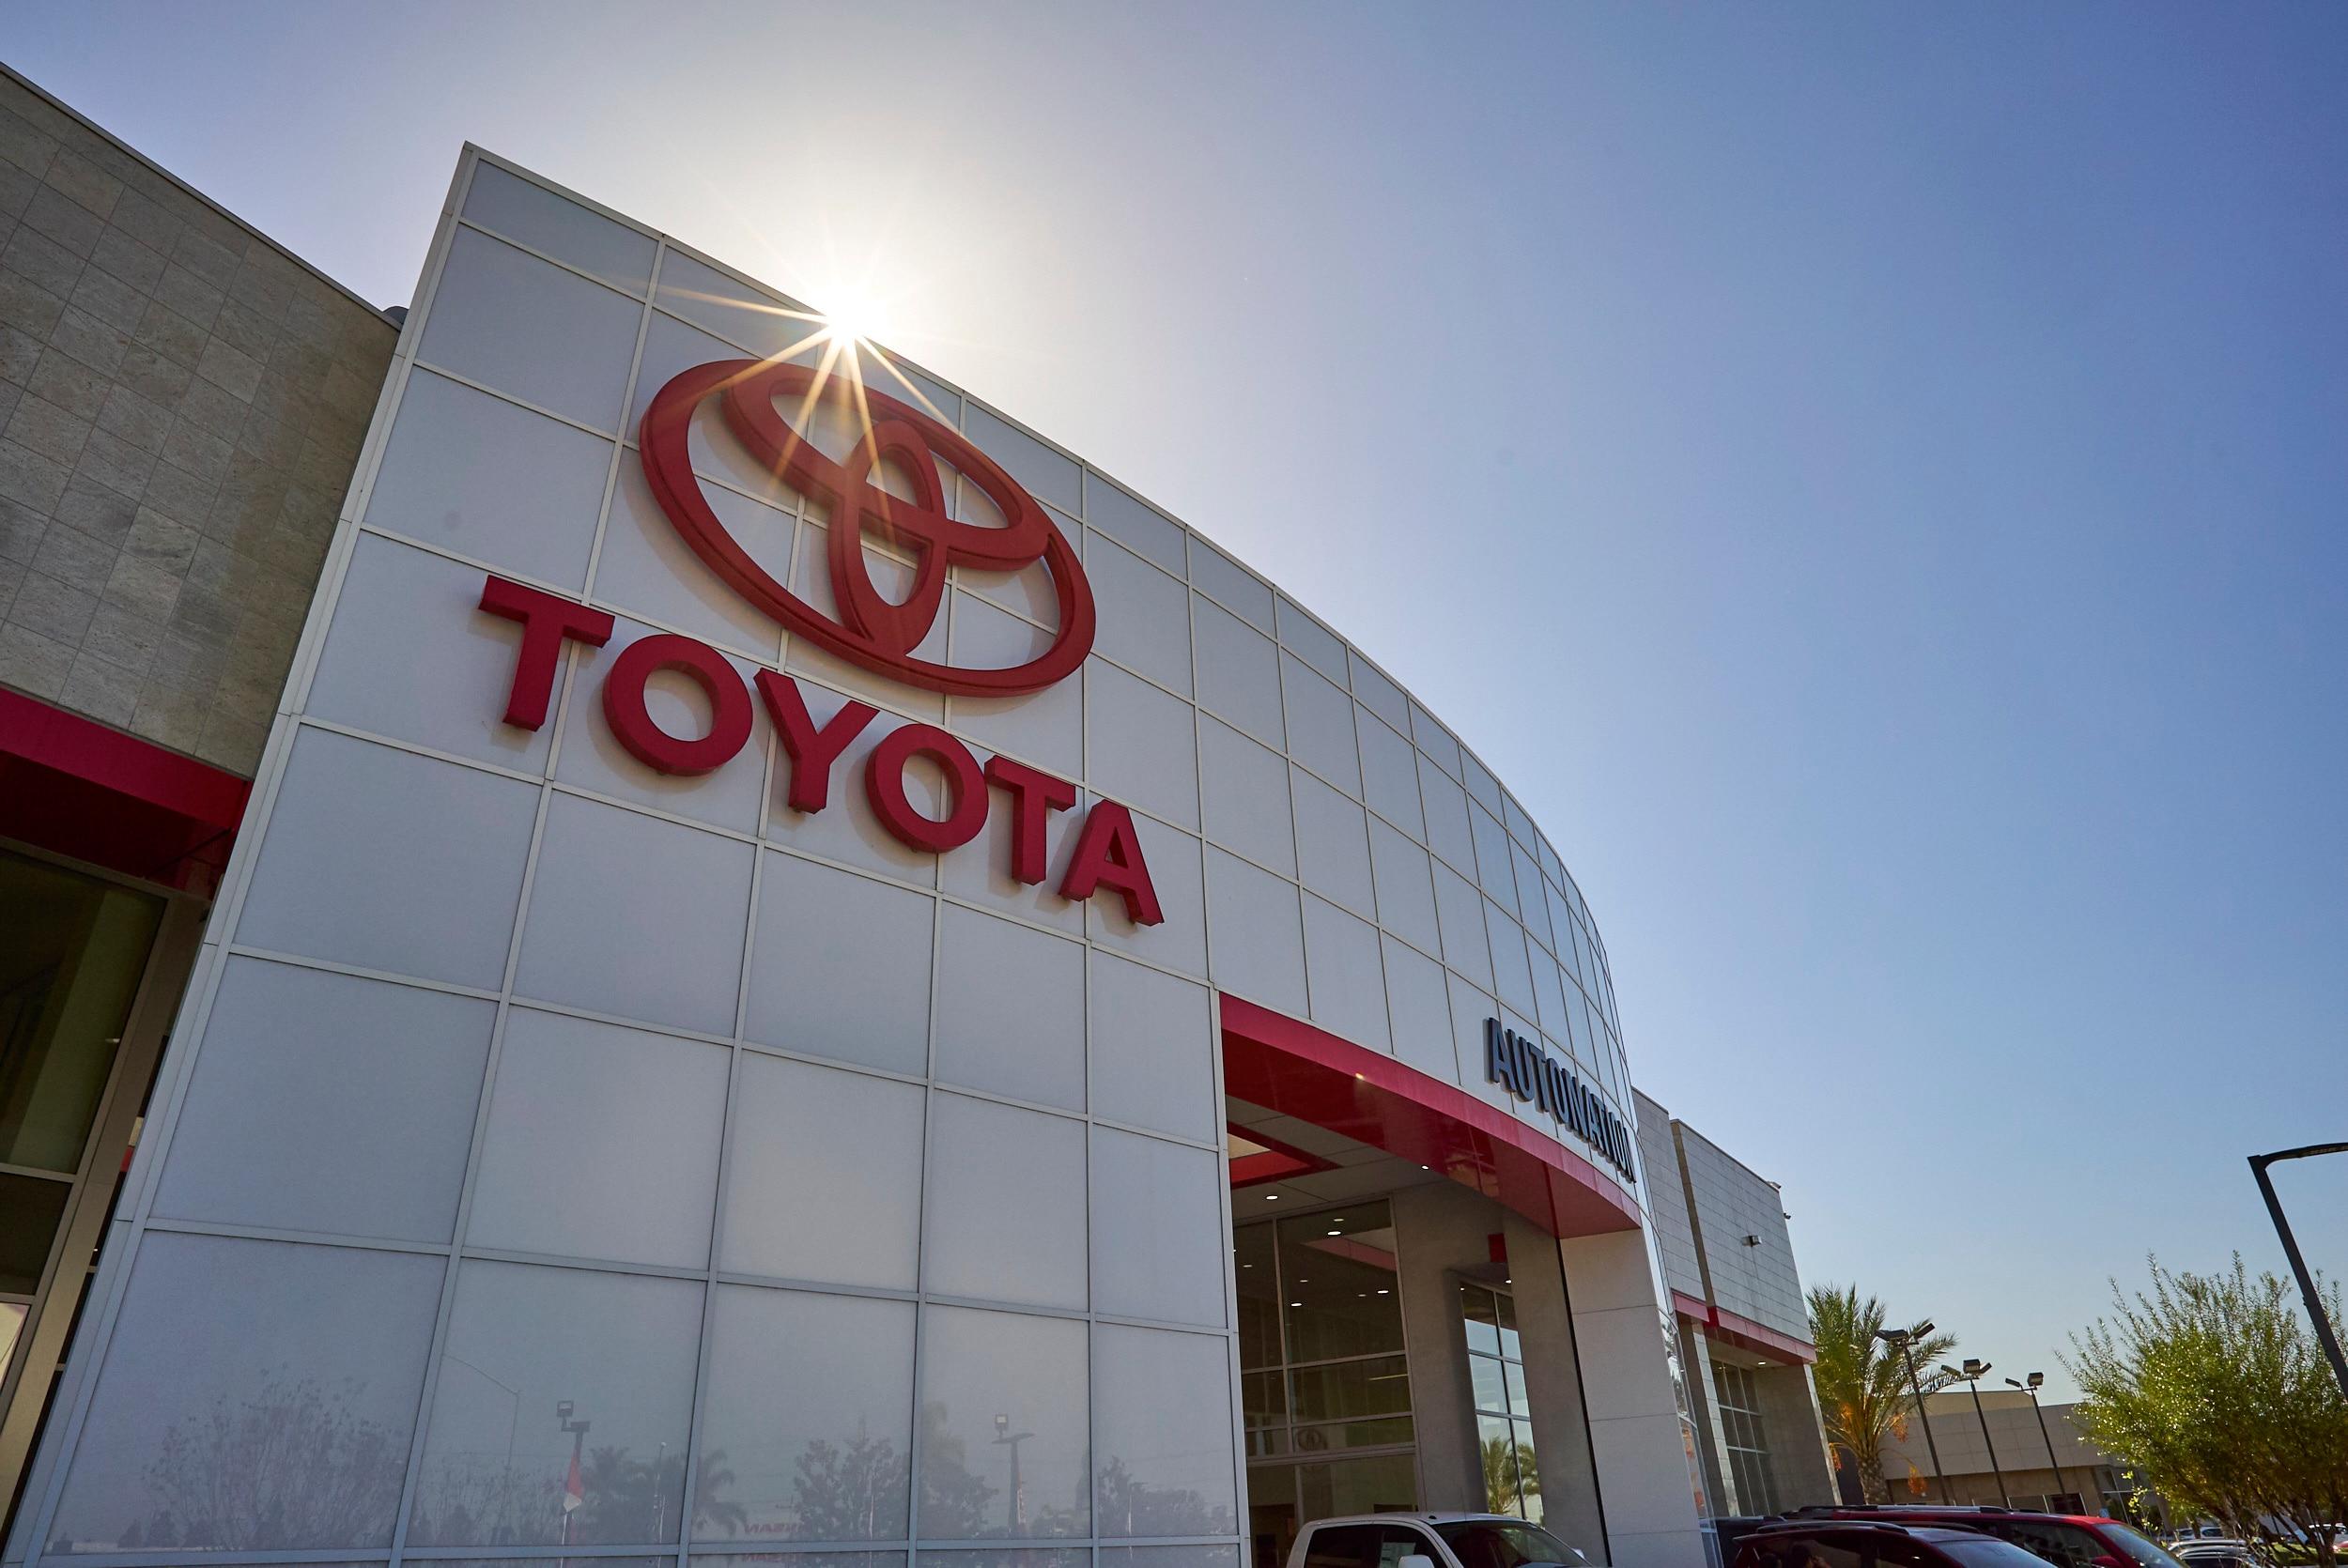 Cerritos Toyota Dealer